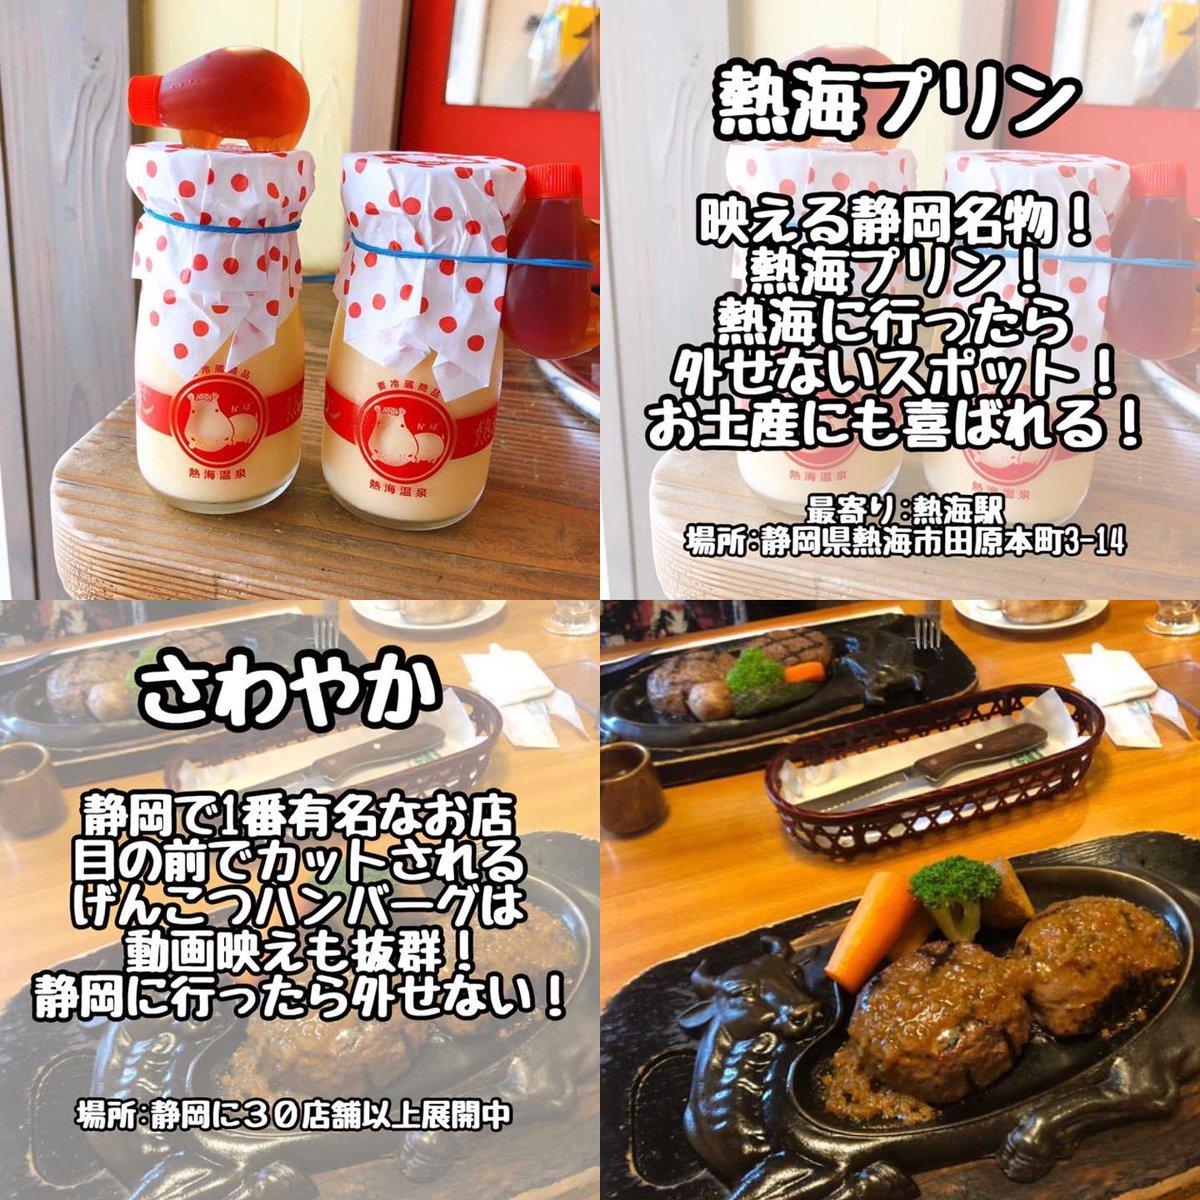 【厳選静岡まとめ】 静岡旅行の参考にしてね!